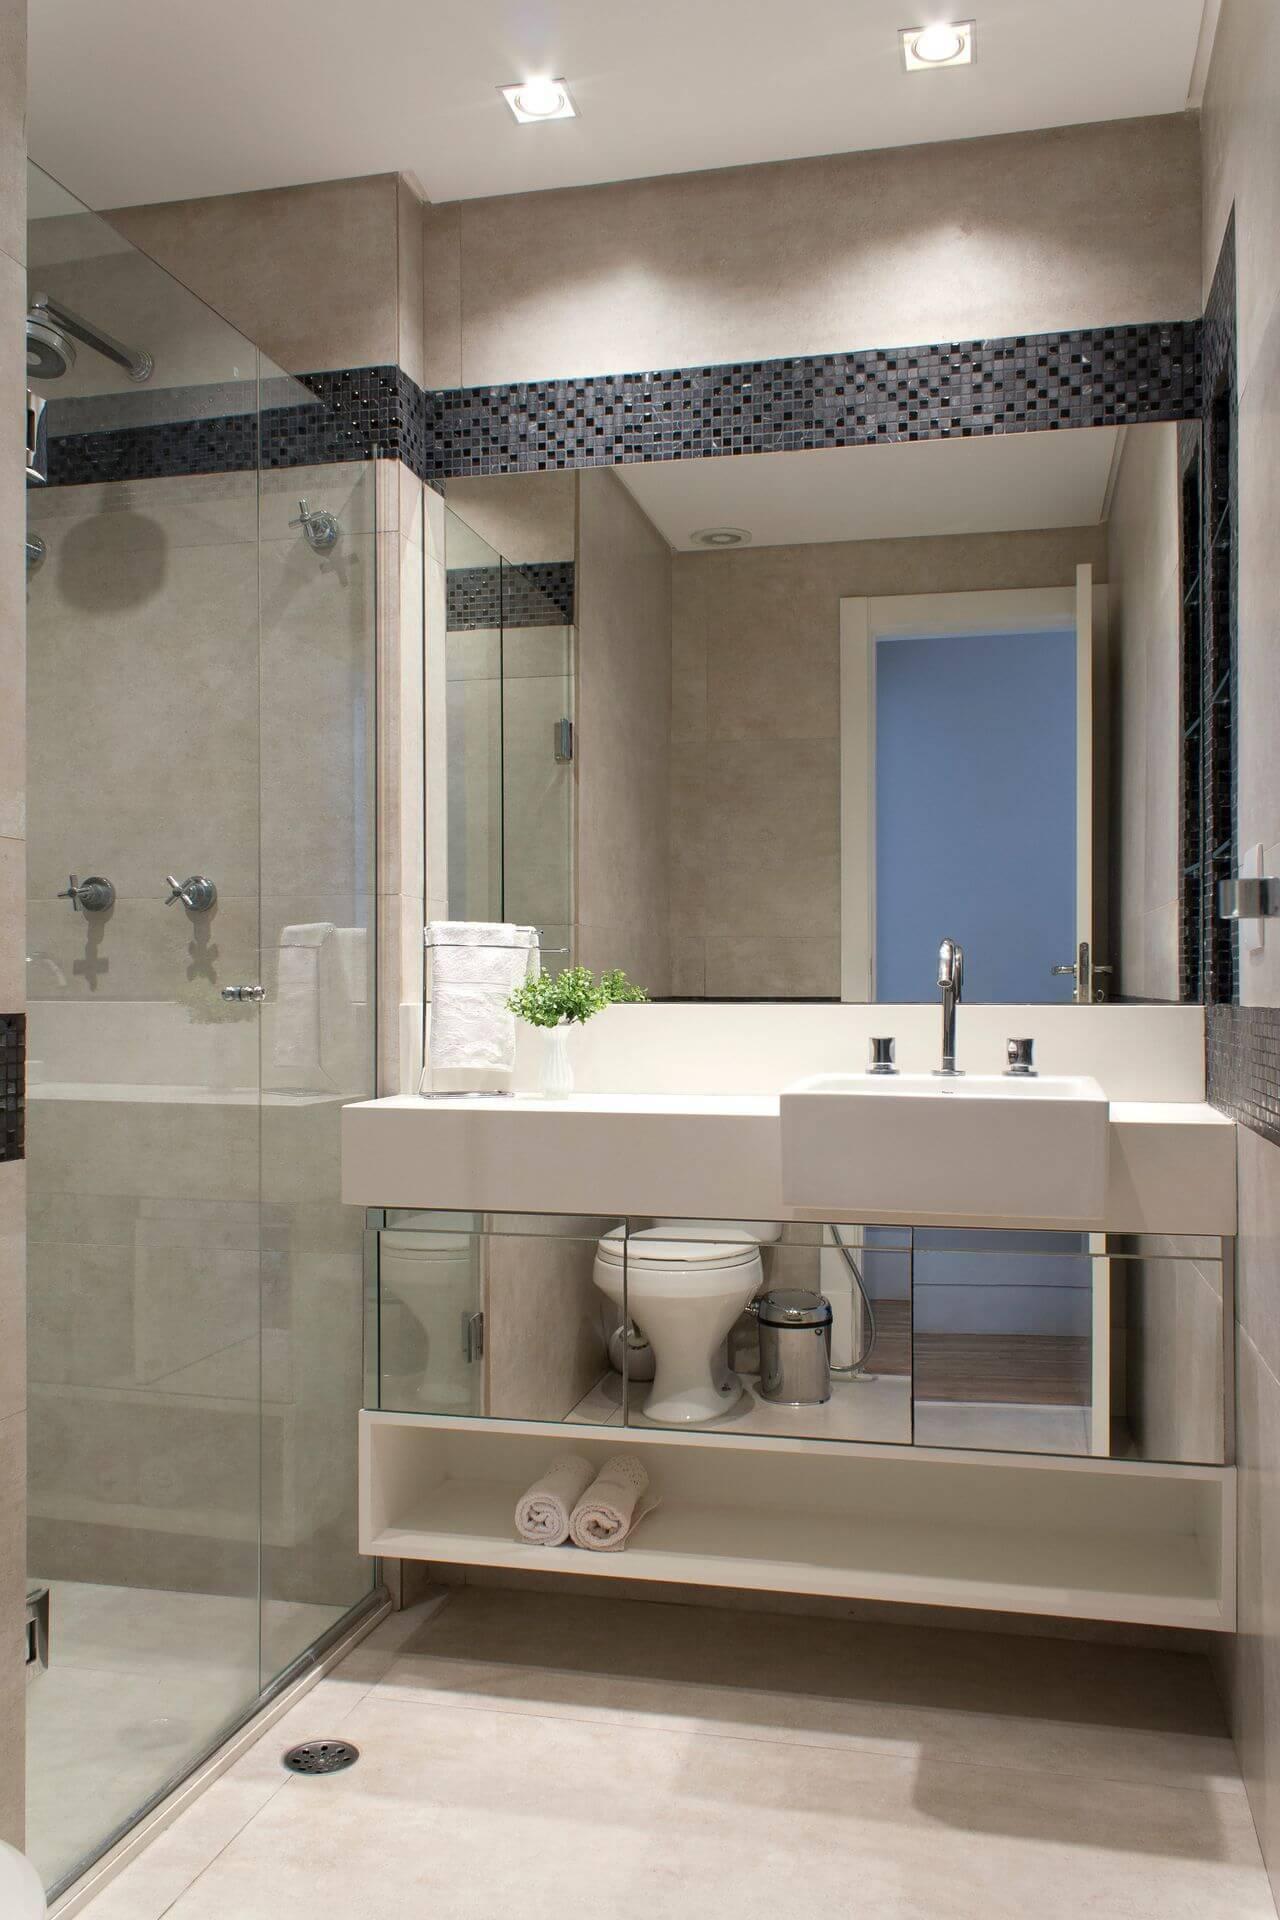 Decoração de banheiro com gabinete espelhado e espaço aberto abaixo Projeto de Semiramís Alice Assunçãon Simões